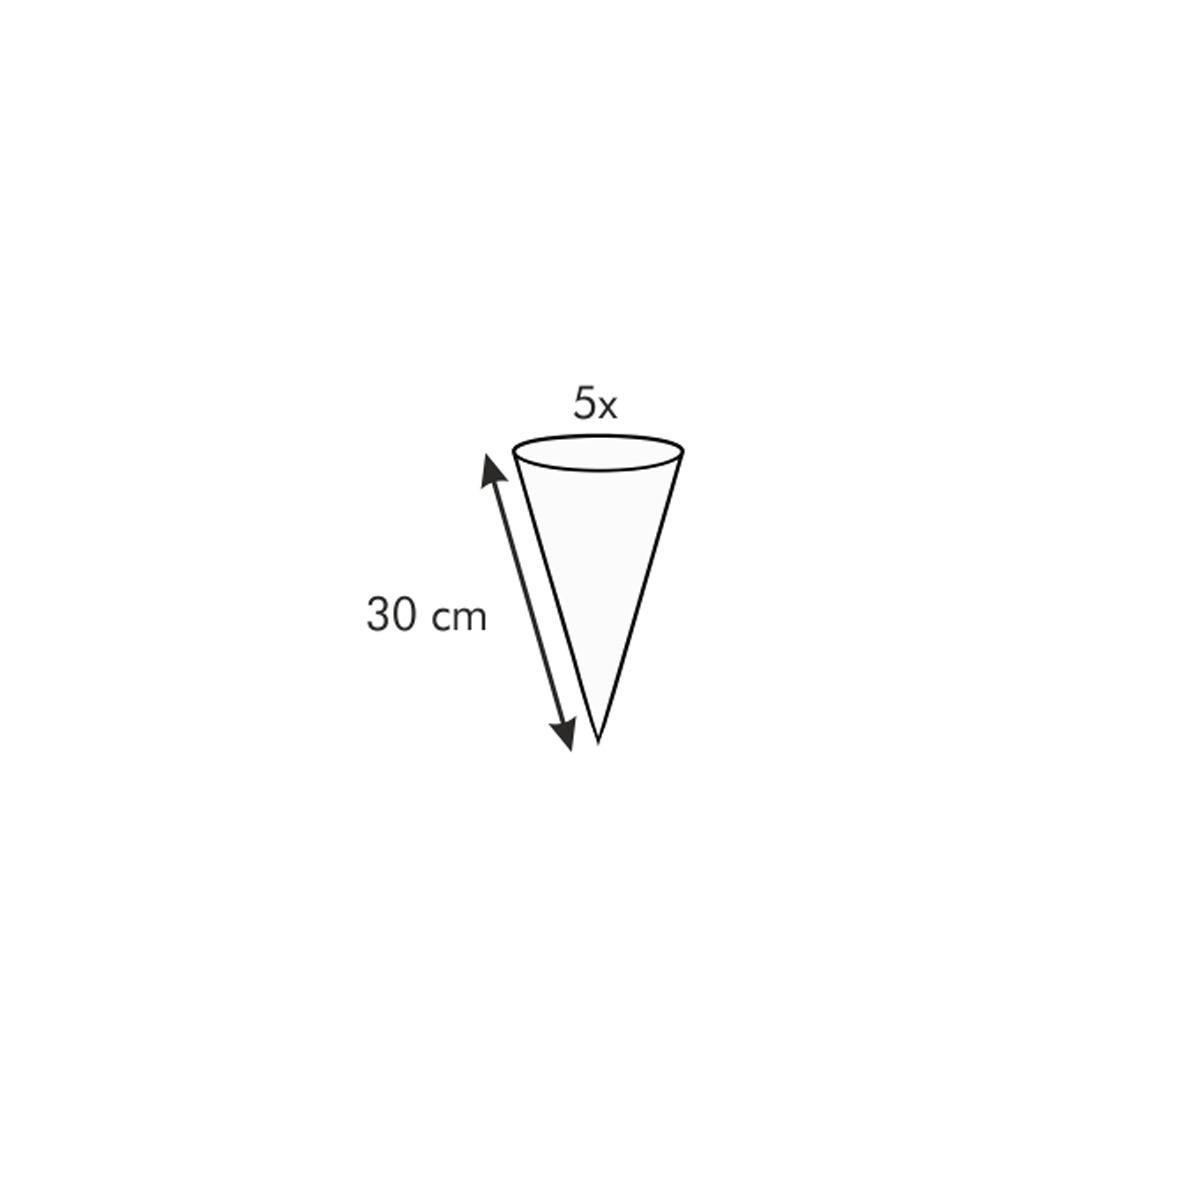 Zdobicí sáček s mini tryskou DELÍCIA 30 cm, 5 ks